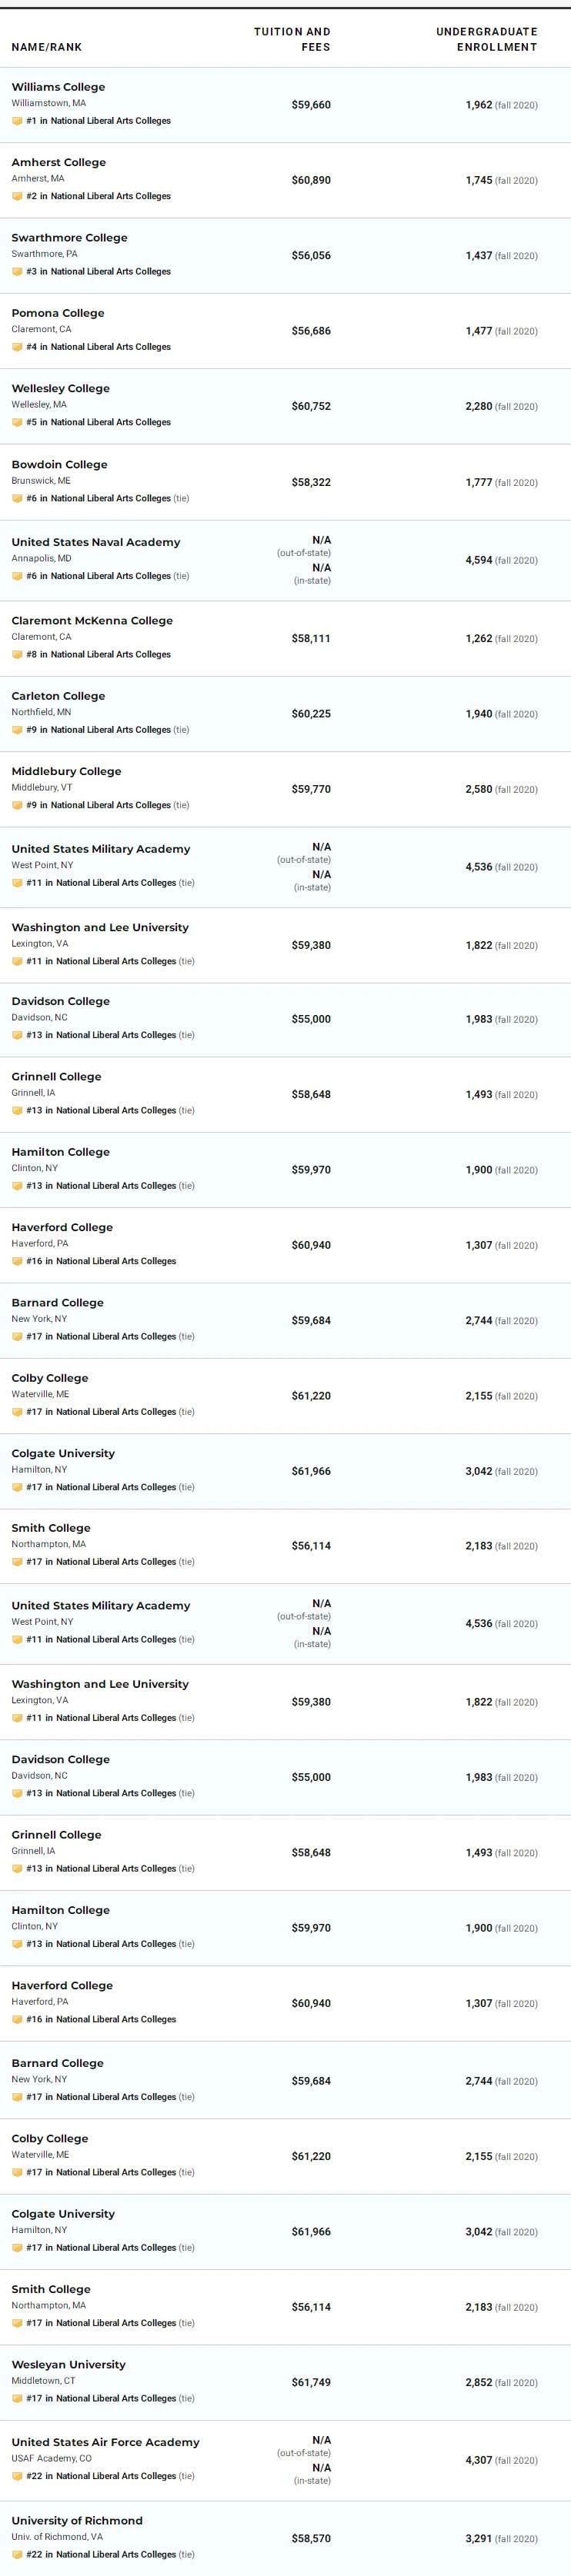 2022年美国文理学院排名